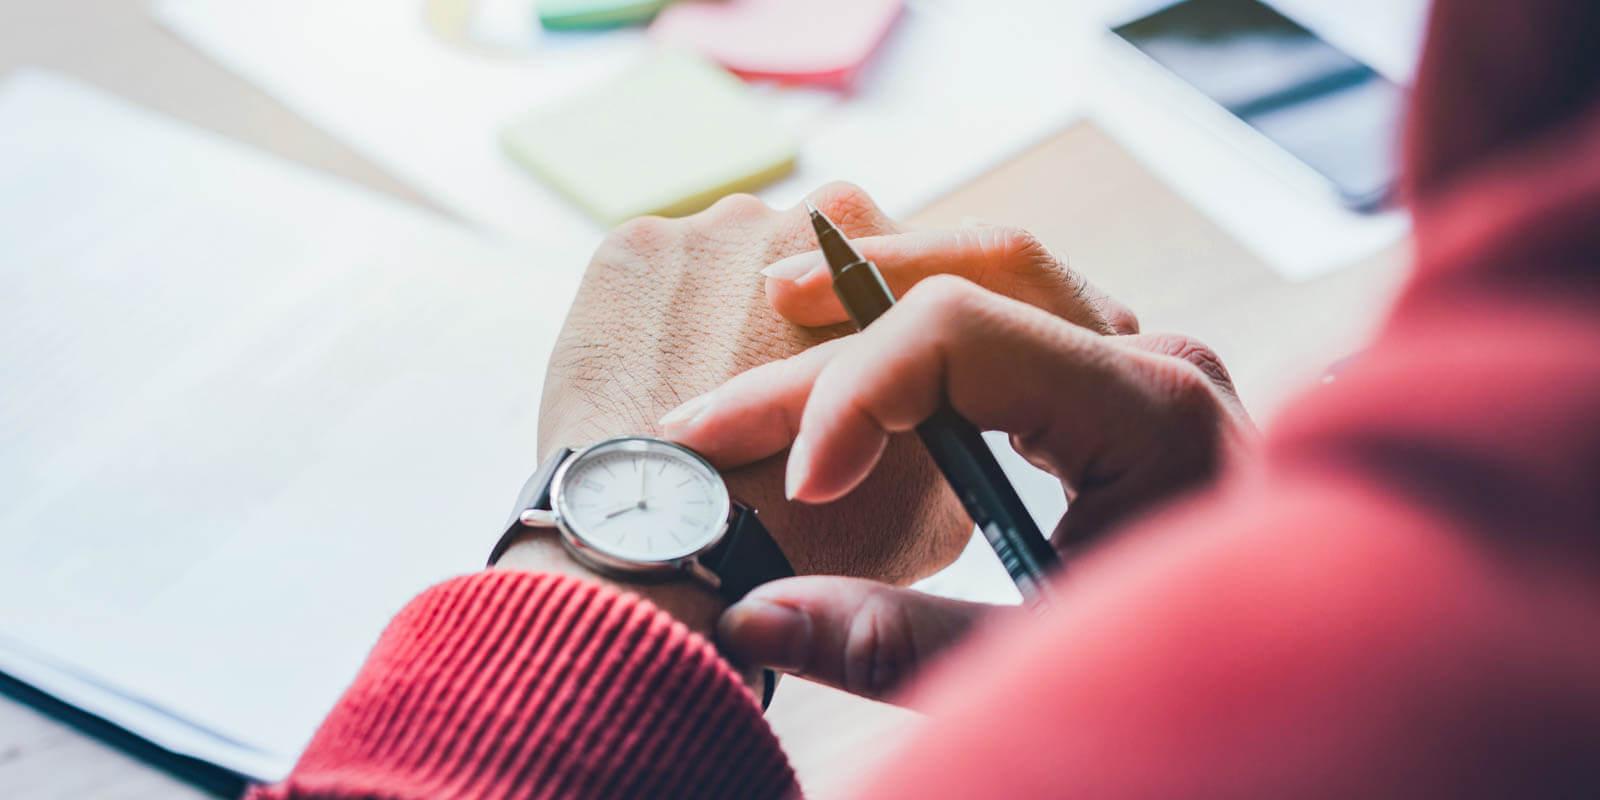 Ein Mensch mit rotem Pullover schaut auf die Armbanduhr